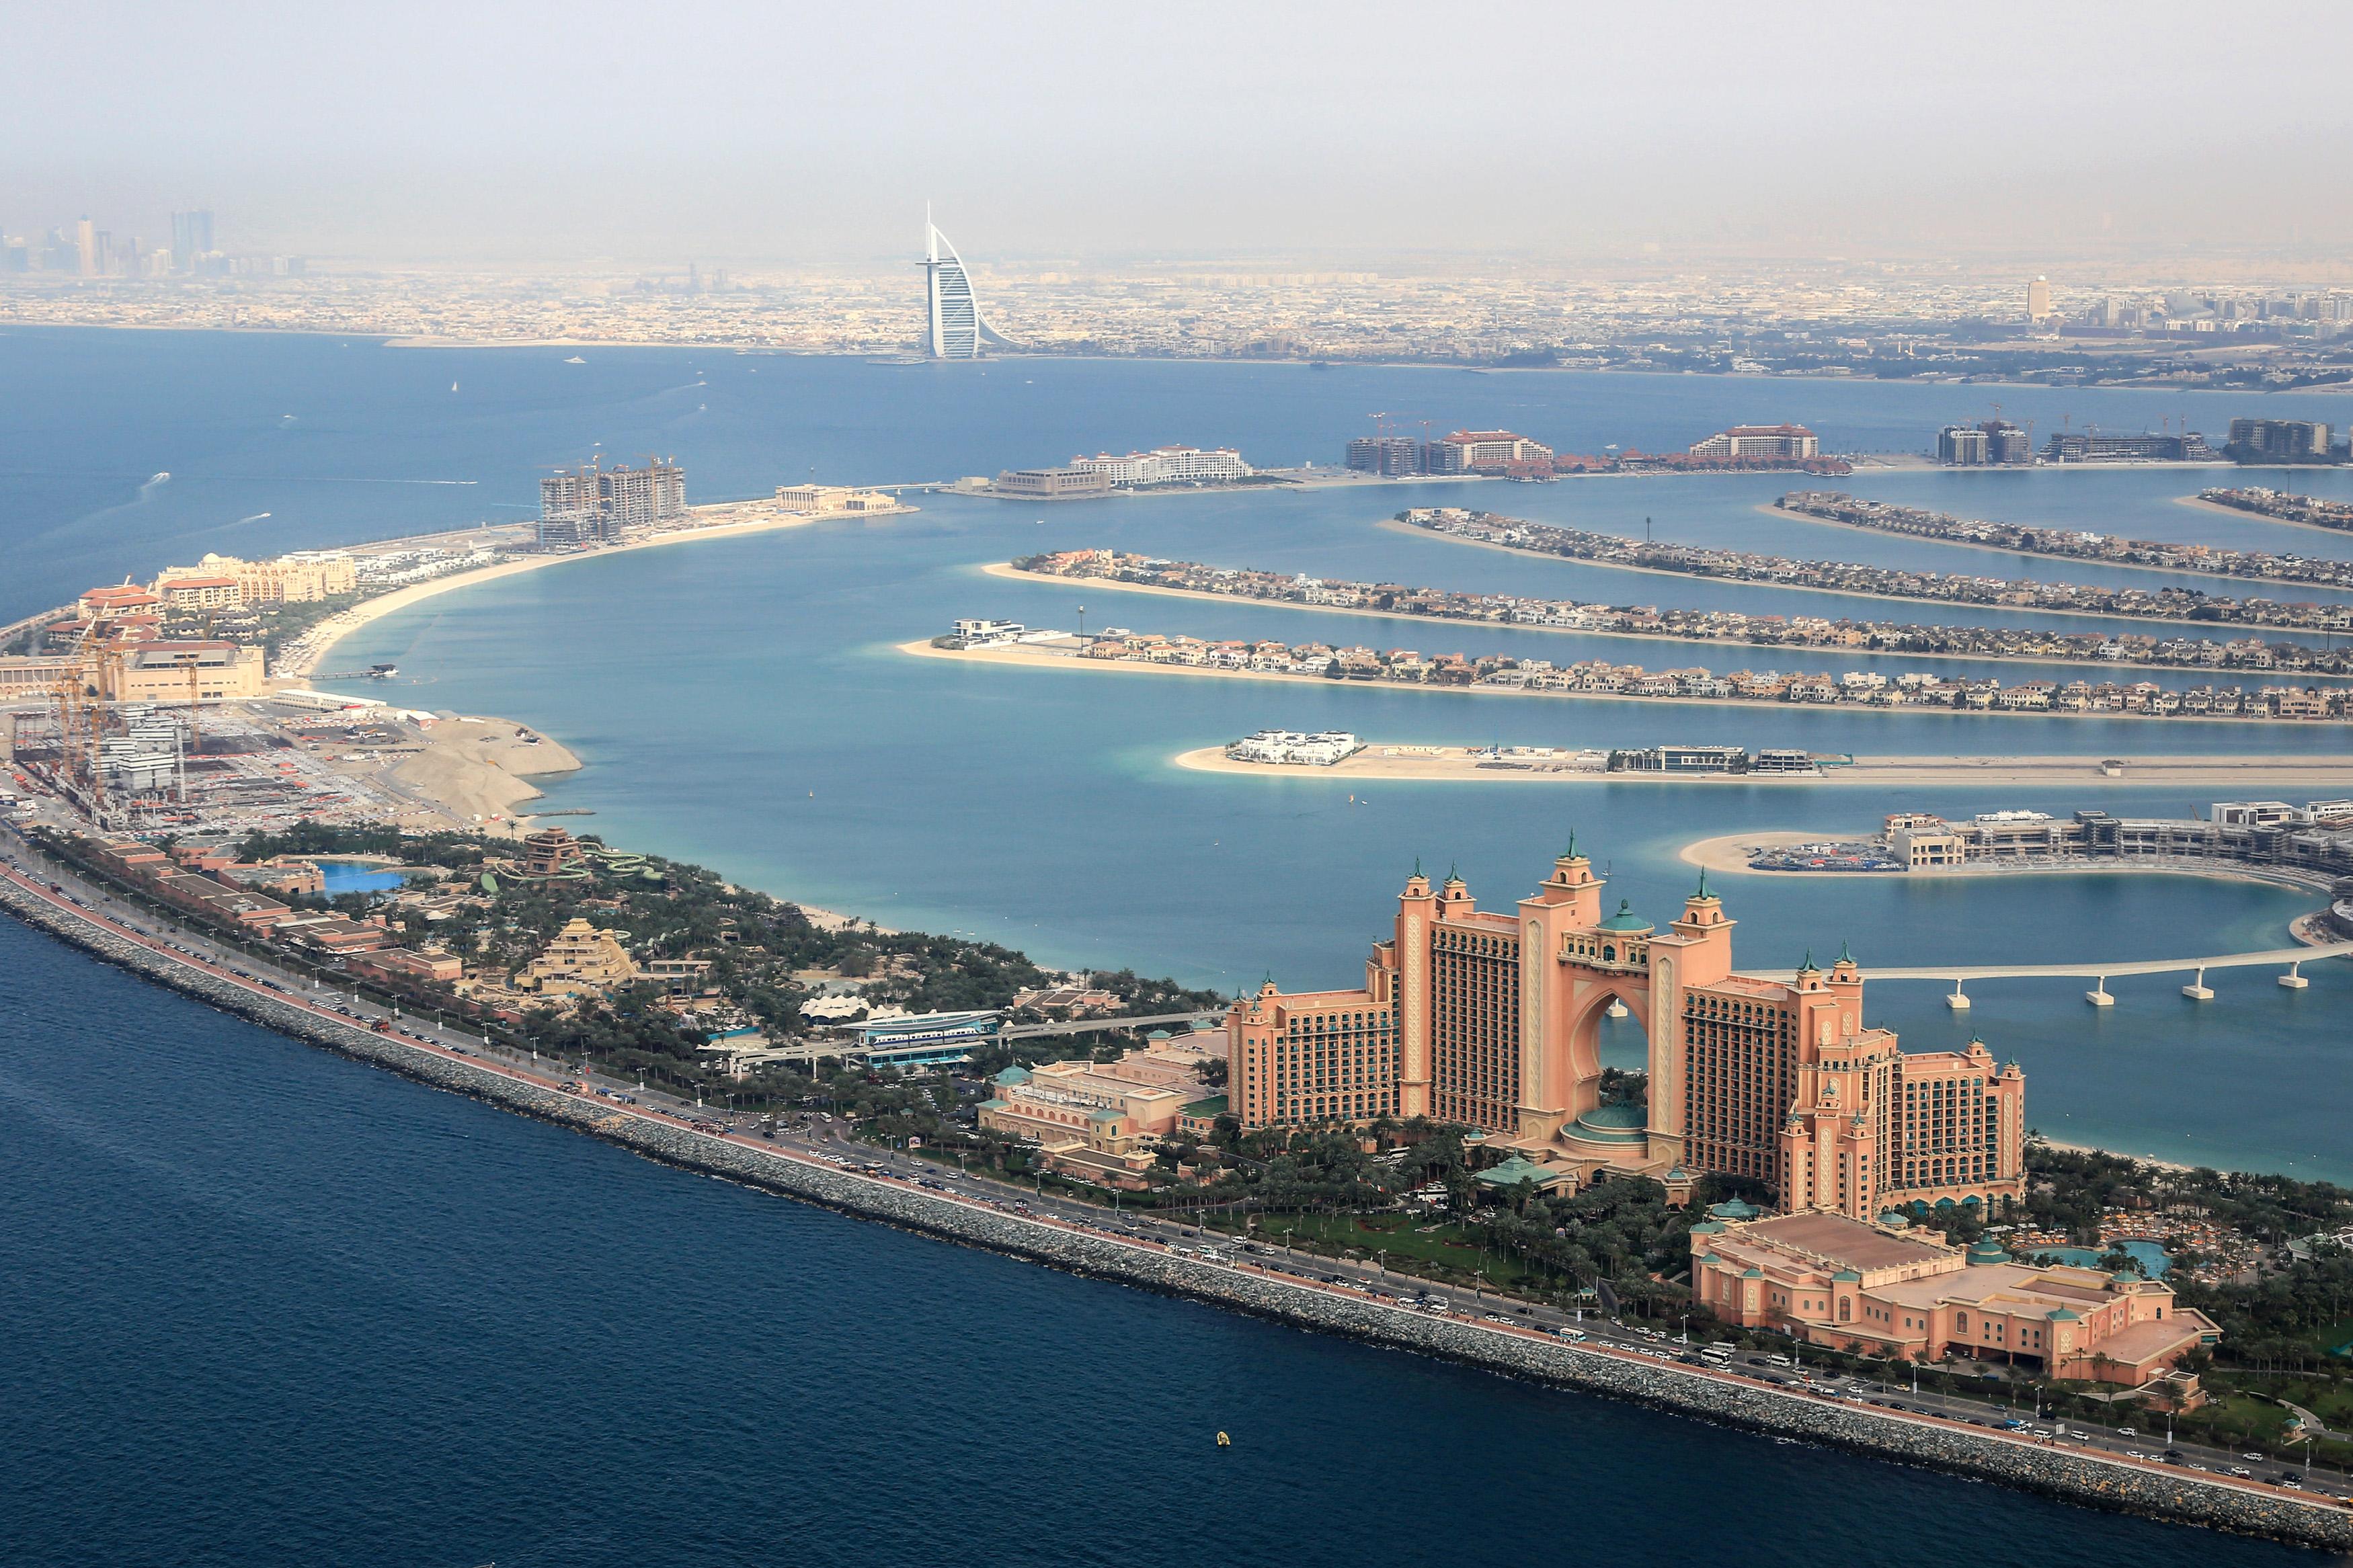 Dubai The Palm Island Atlantis Hotel Burj Al Arab aerial view photography UAE